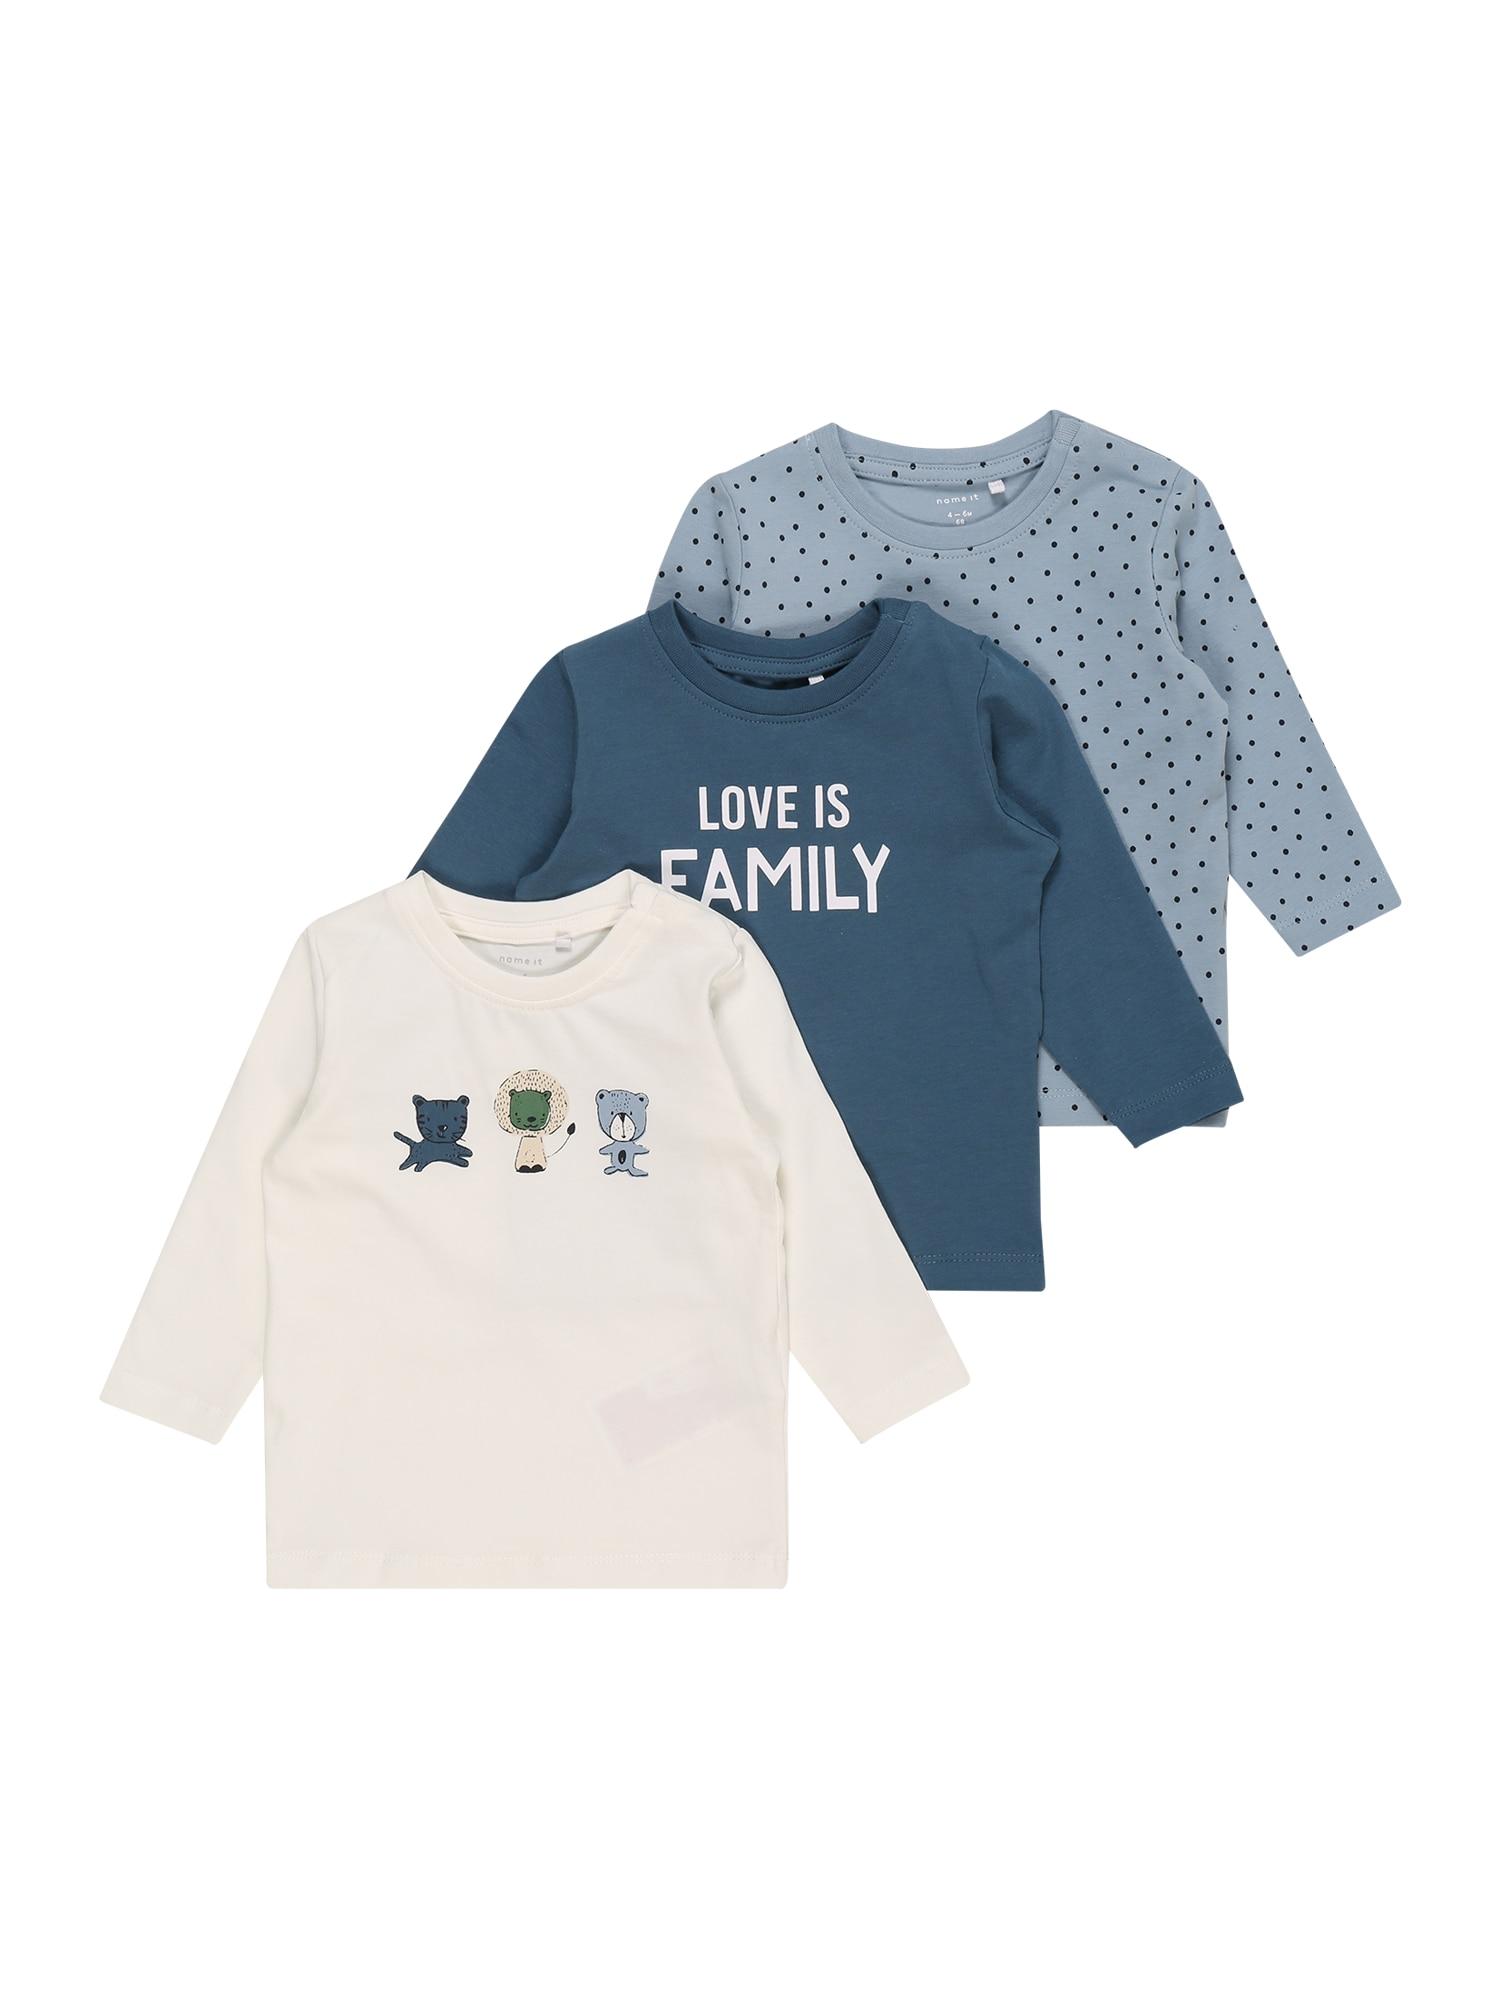 NAME IT Marškinėliai 'TEMEN' mėlyna dūmų spalva / opalo / vilnos balta / pastelinė geltona